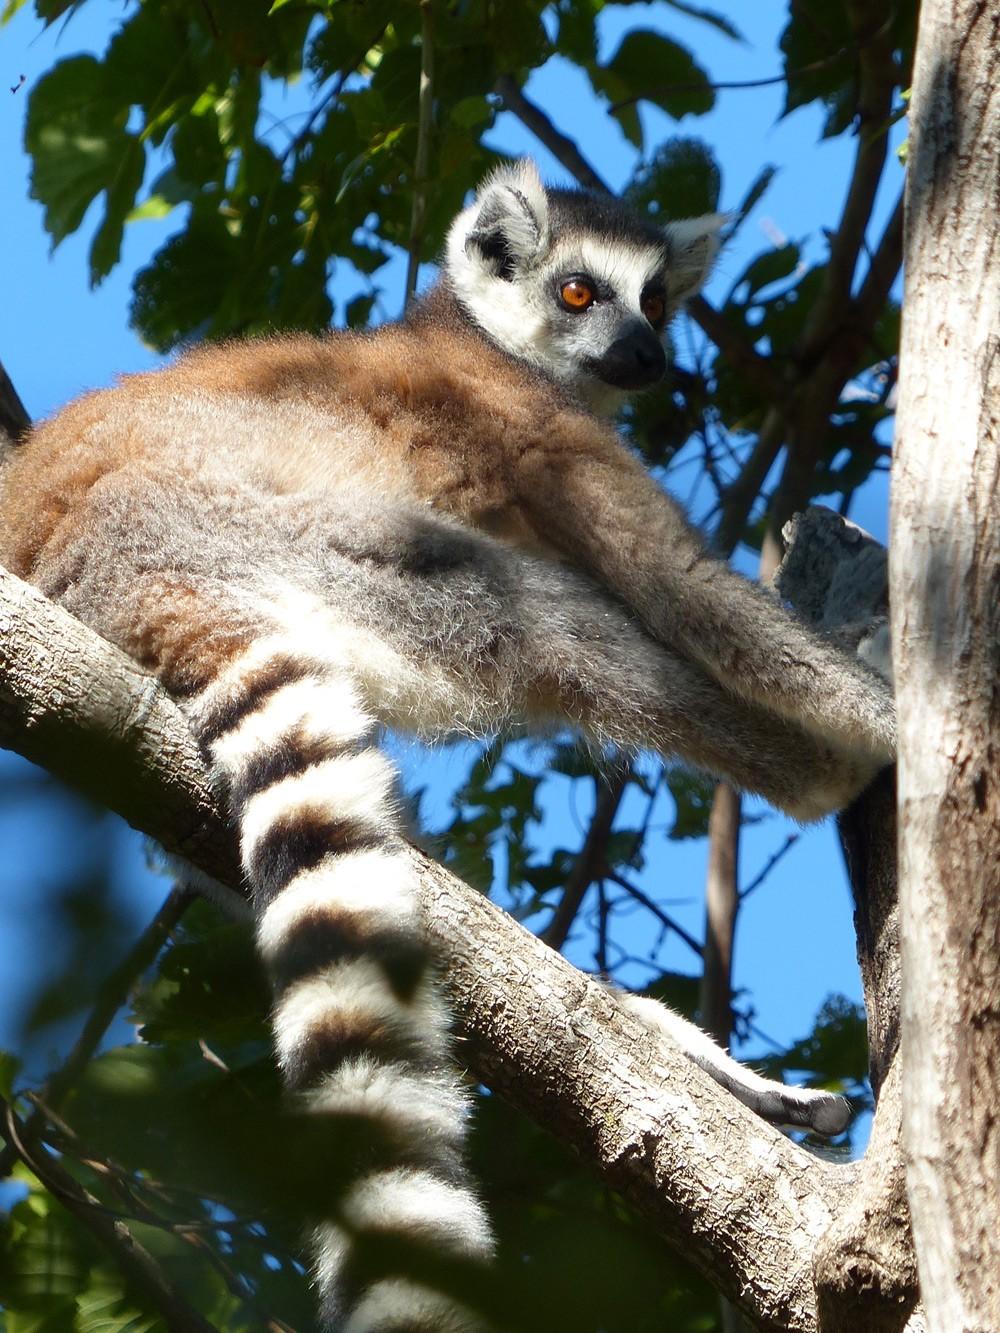 Lemur-Ring-Tailed-Lemur-1